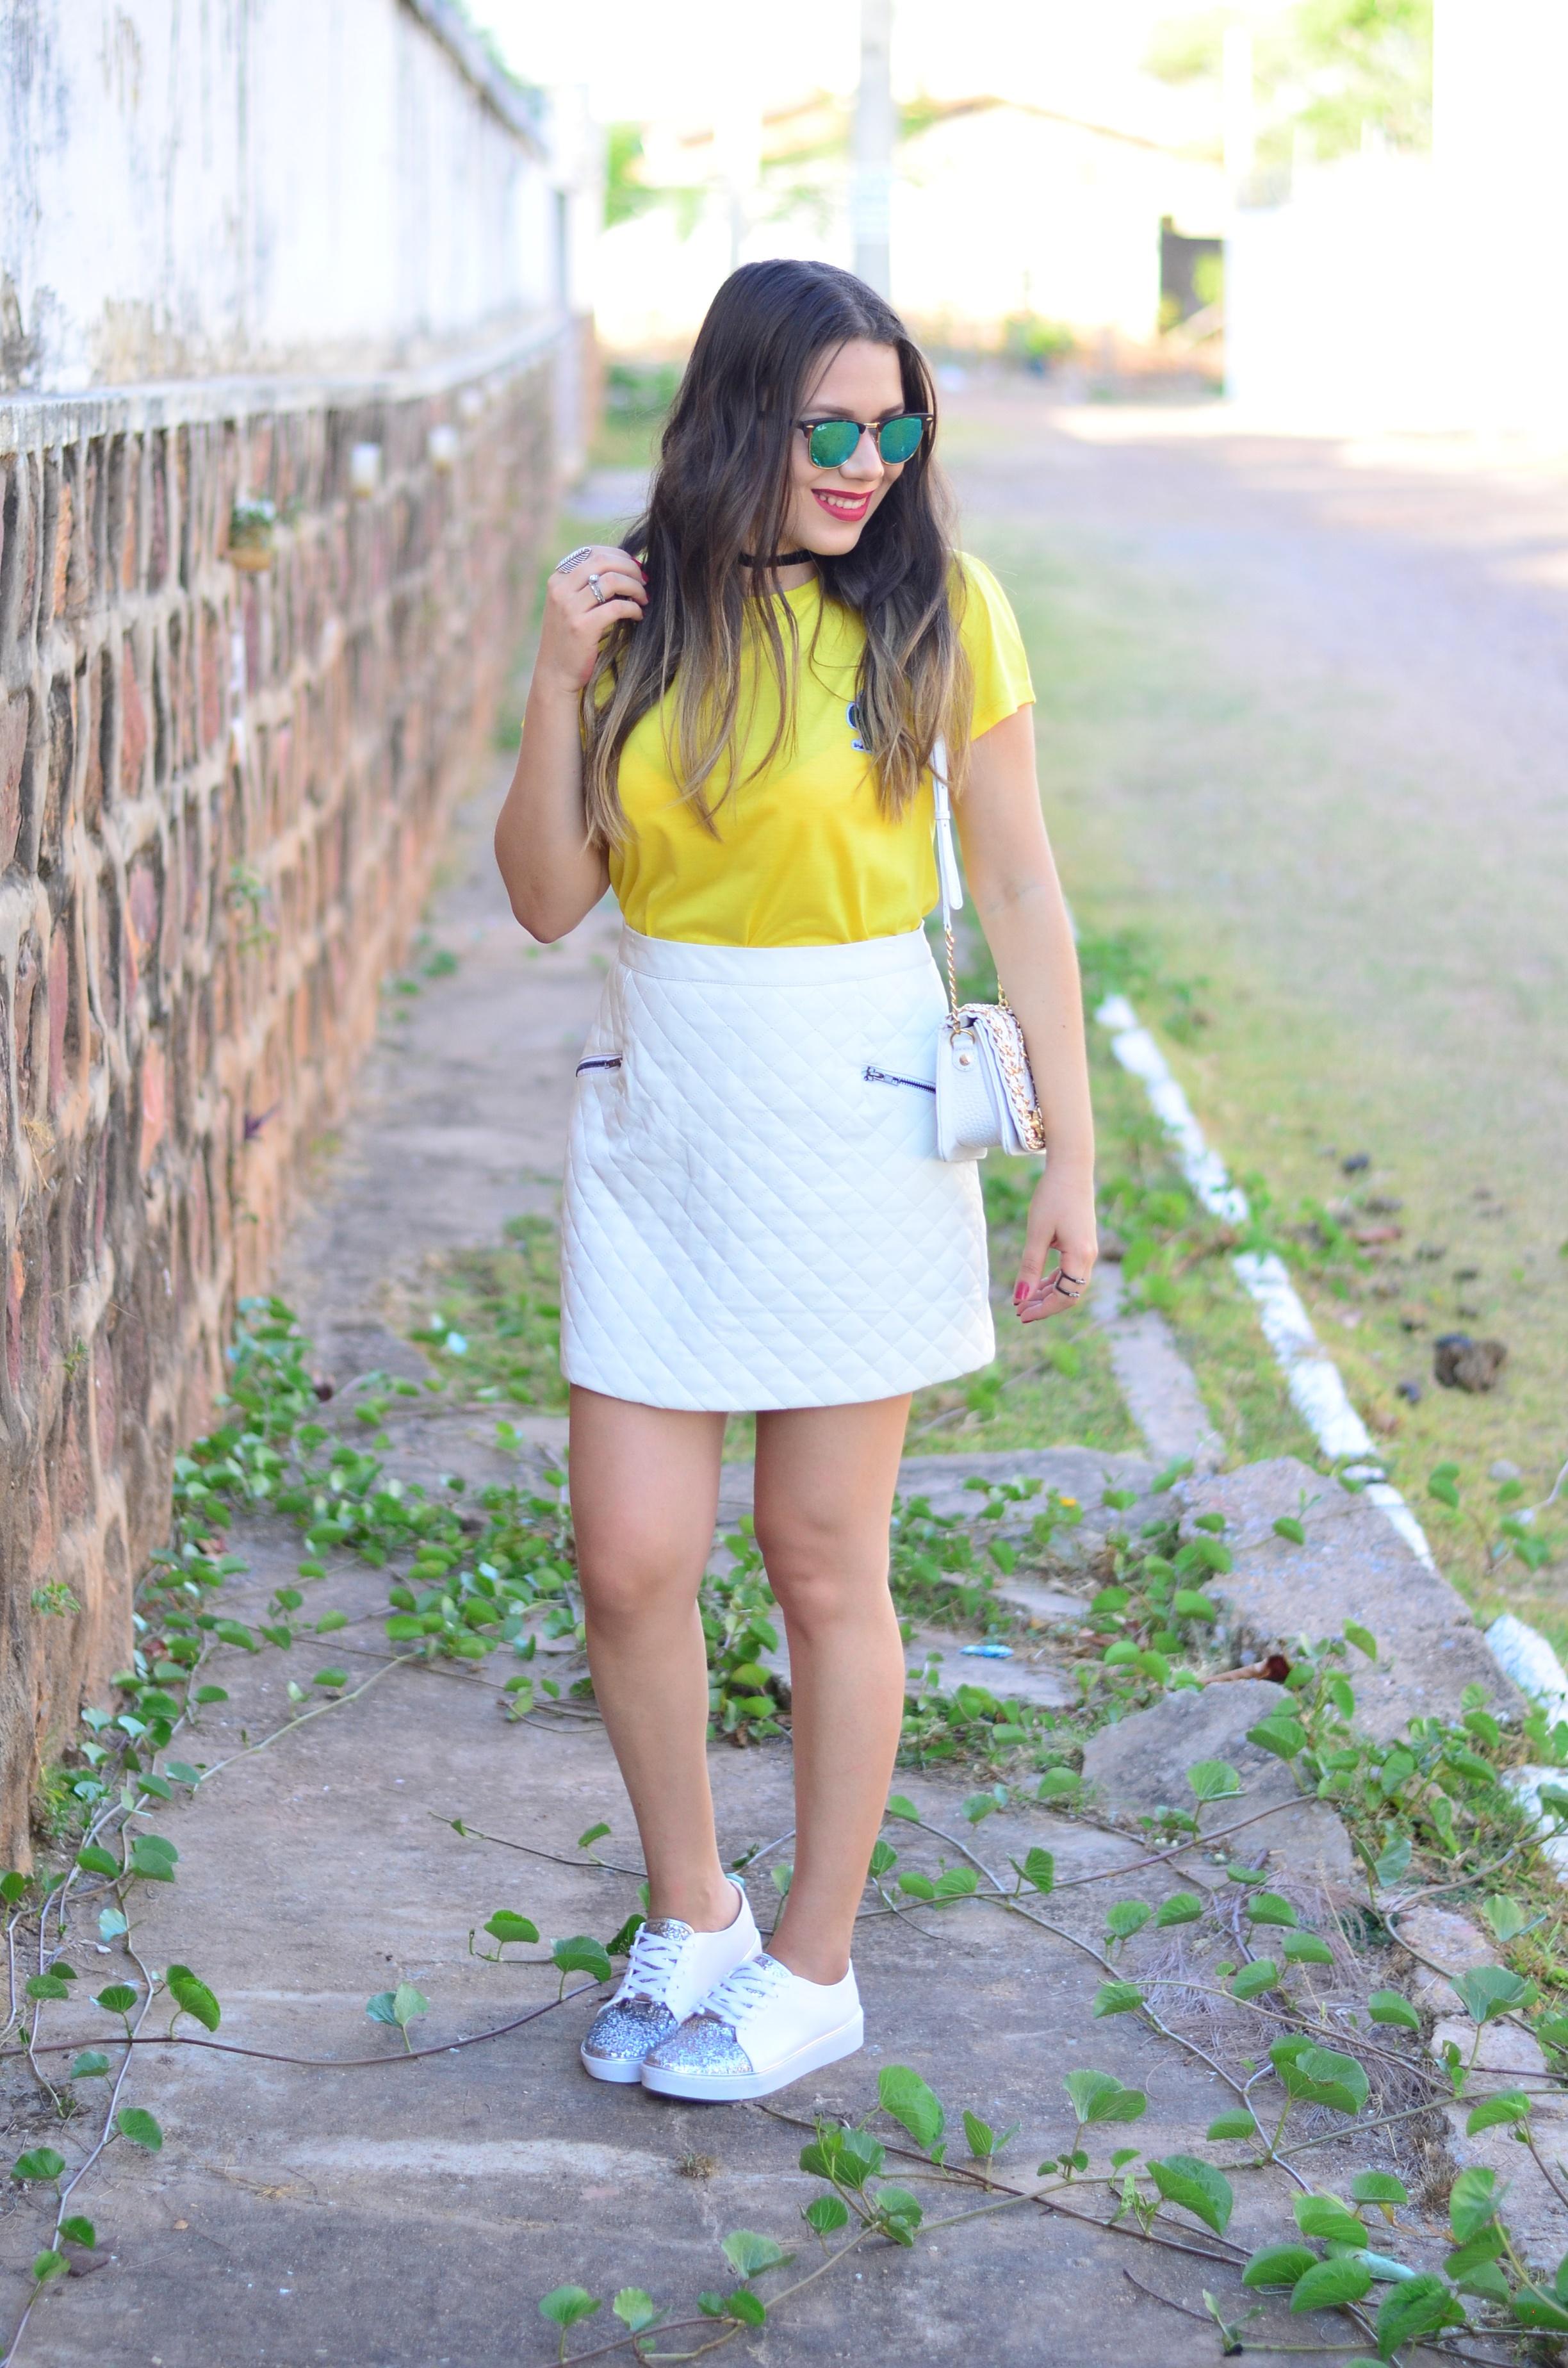 look-tenis-vizzano-branco-e-prata-5